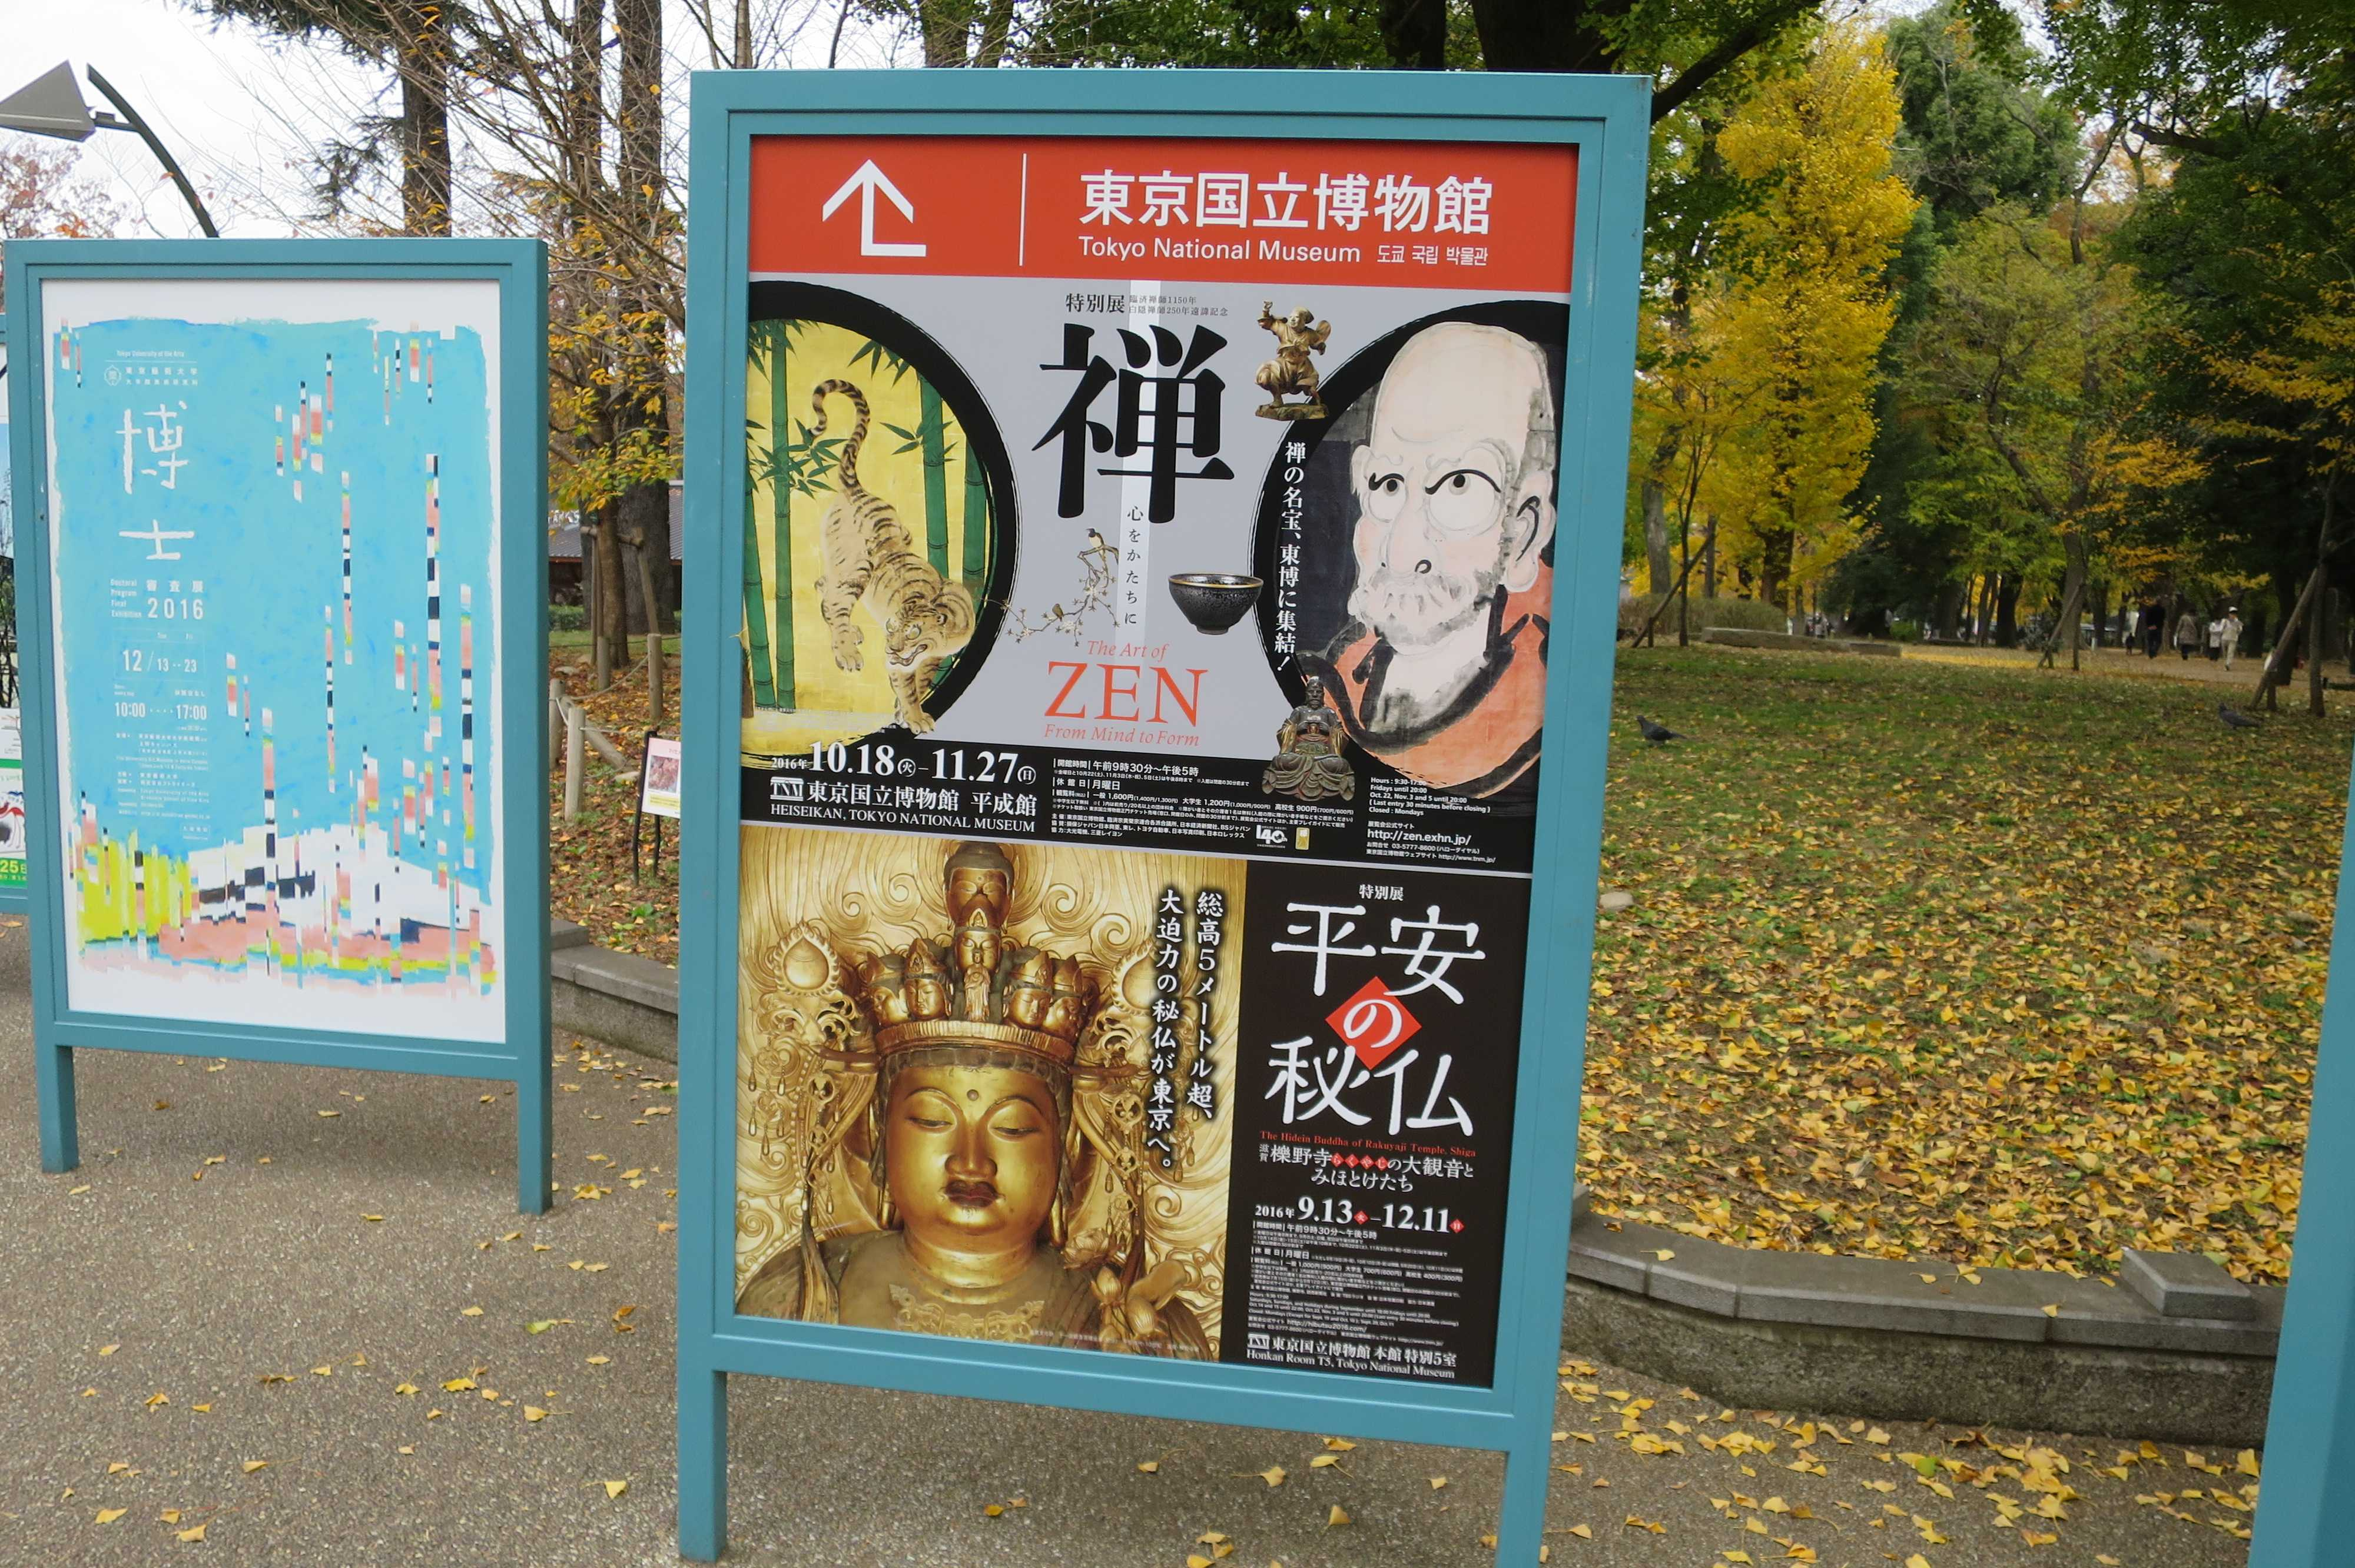 東京国立博物館の特別展「禅 −心をかたちに−」